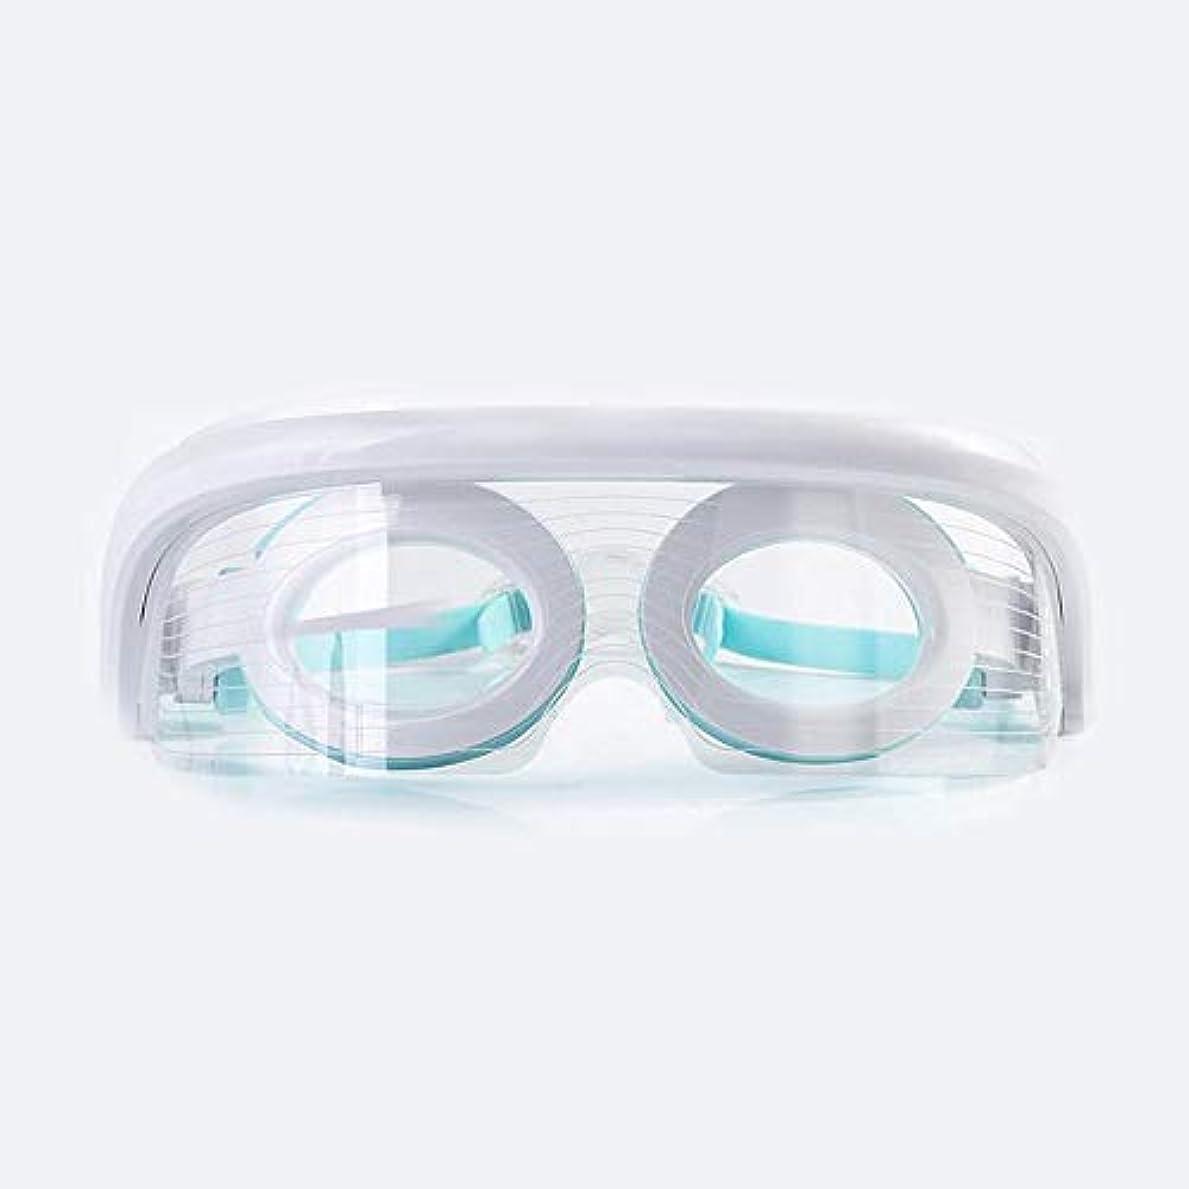 マニアック利益輝くLed 光子美アイマスクマスクアイプロテクターアイマッサージ7色カラーライトアイマスクアイメーター